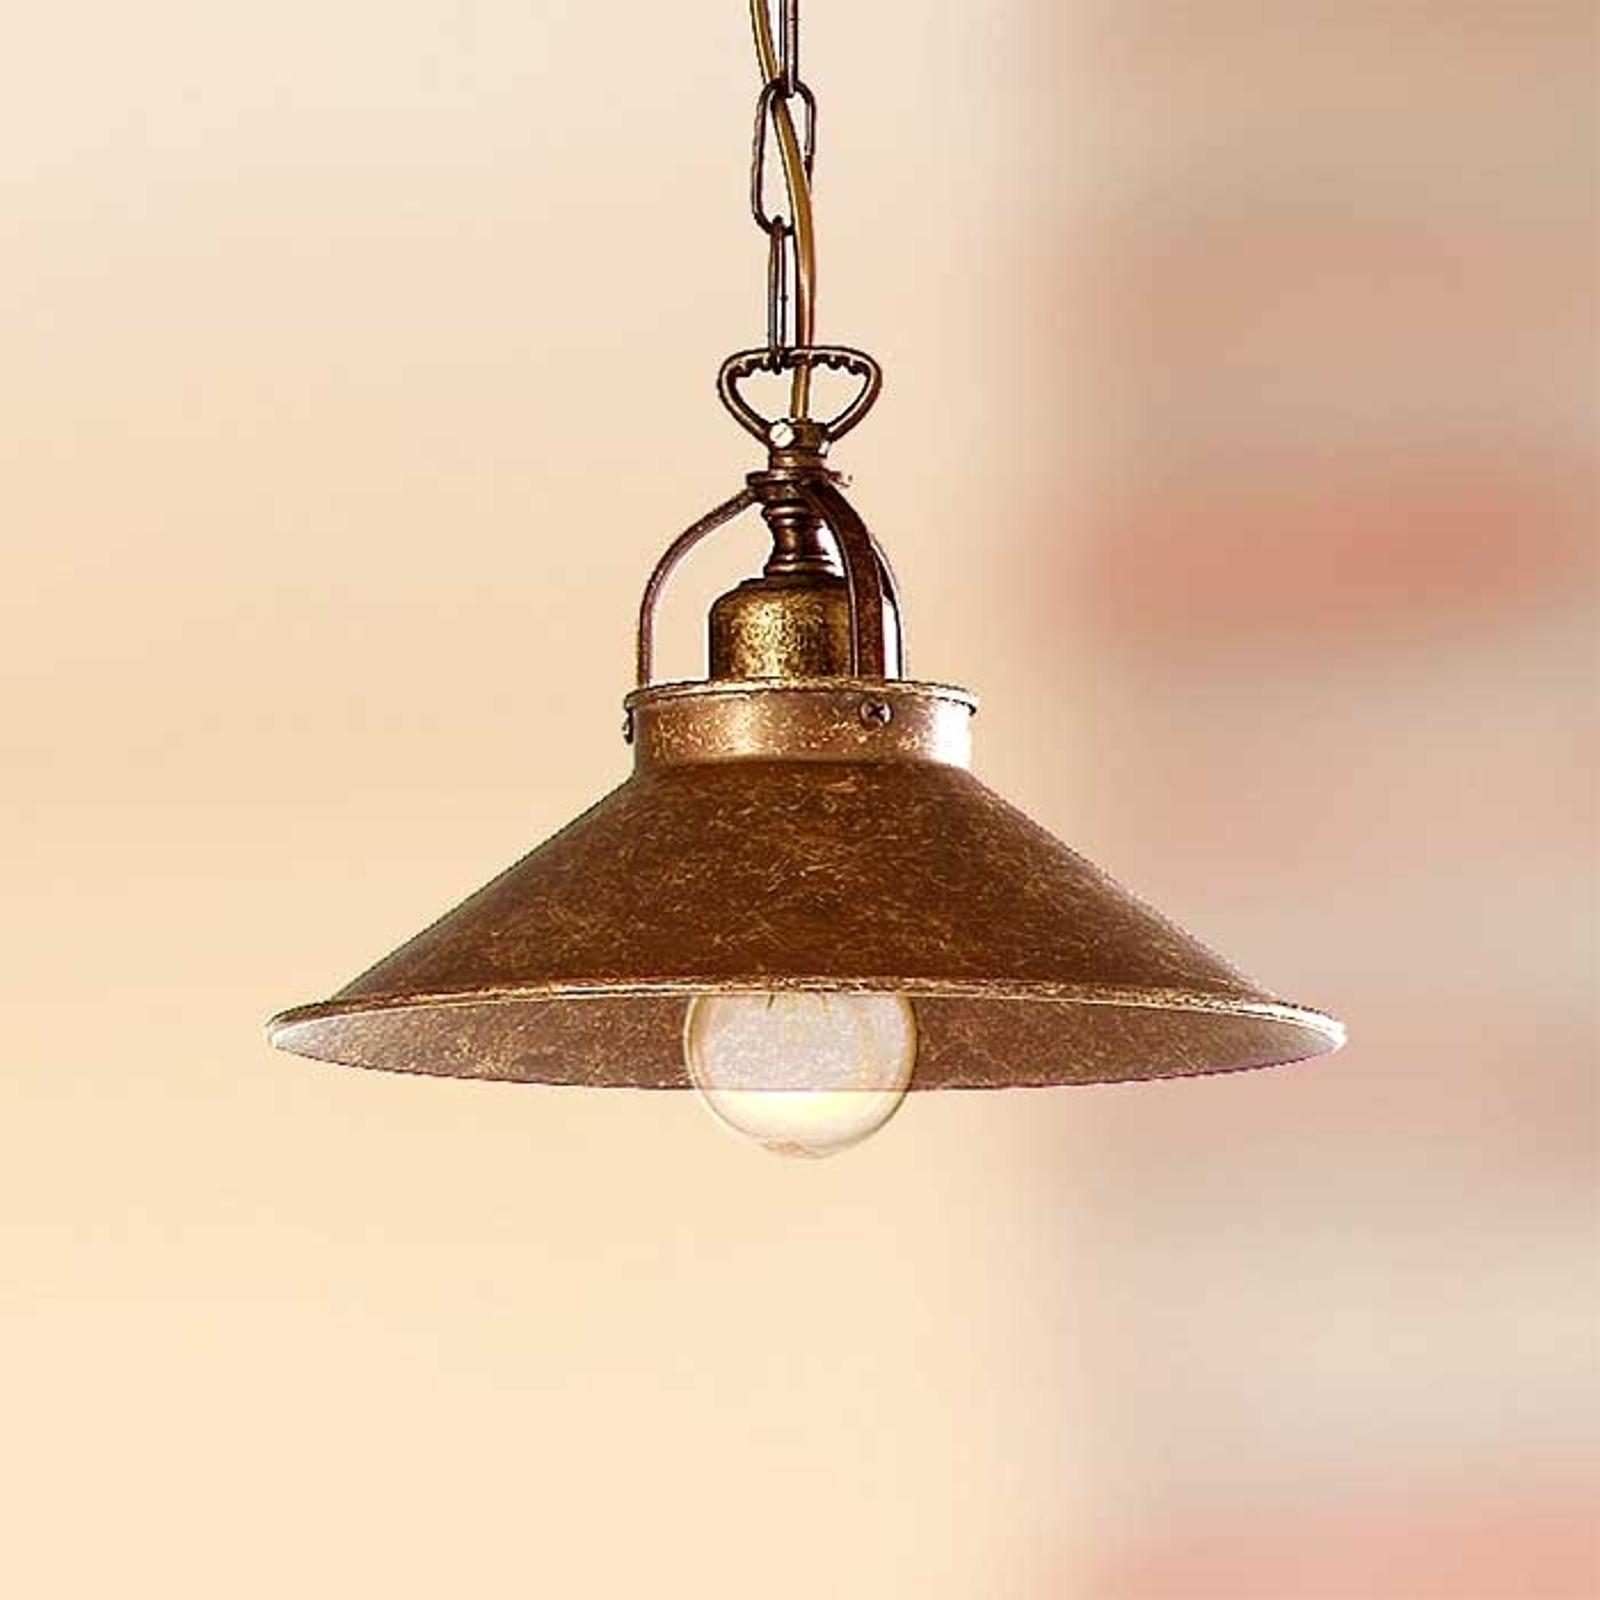 Rustik hængelampe BRUNO, 25 cm